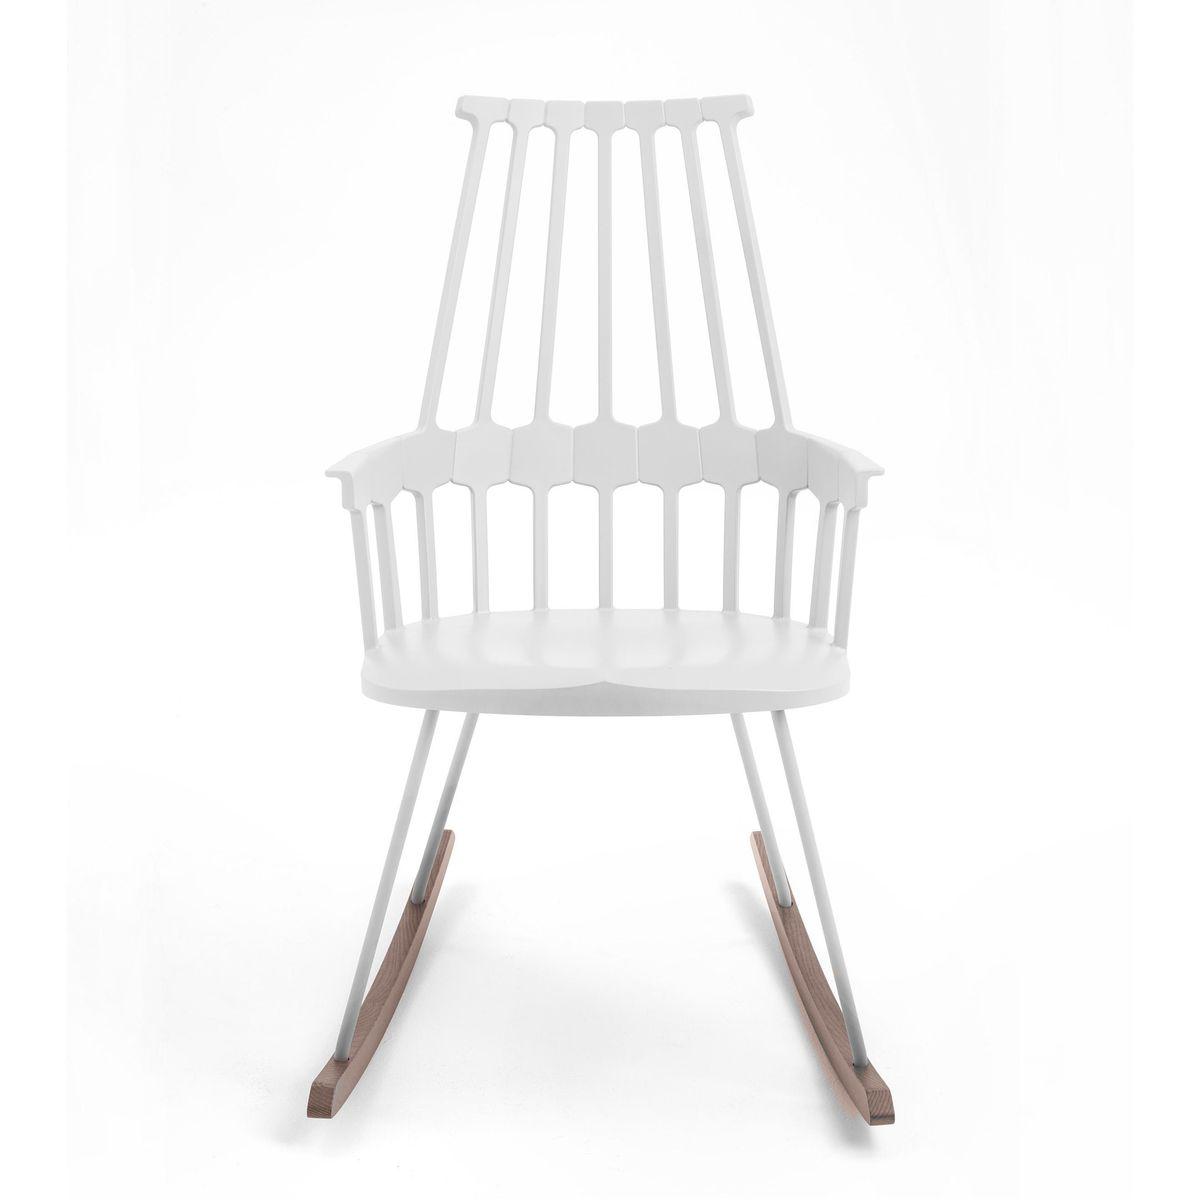 Comback chair schaukelstuhl kartell for Schaukelstuhl kufen